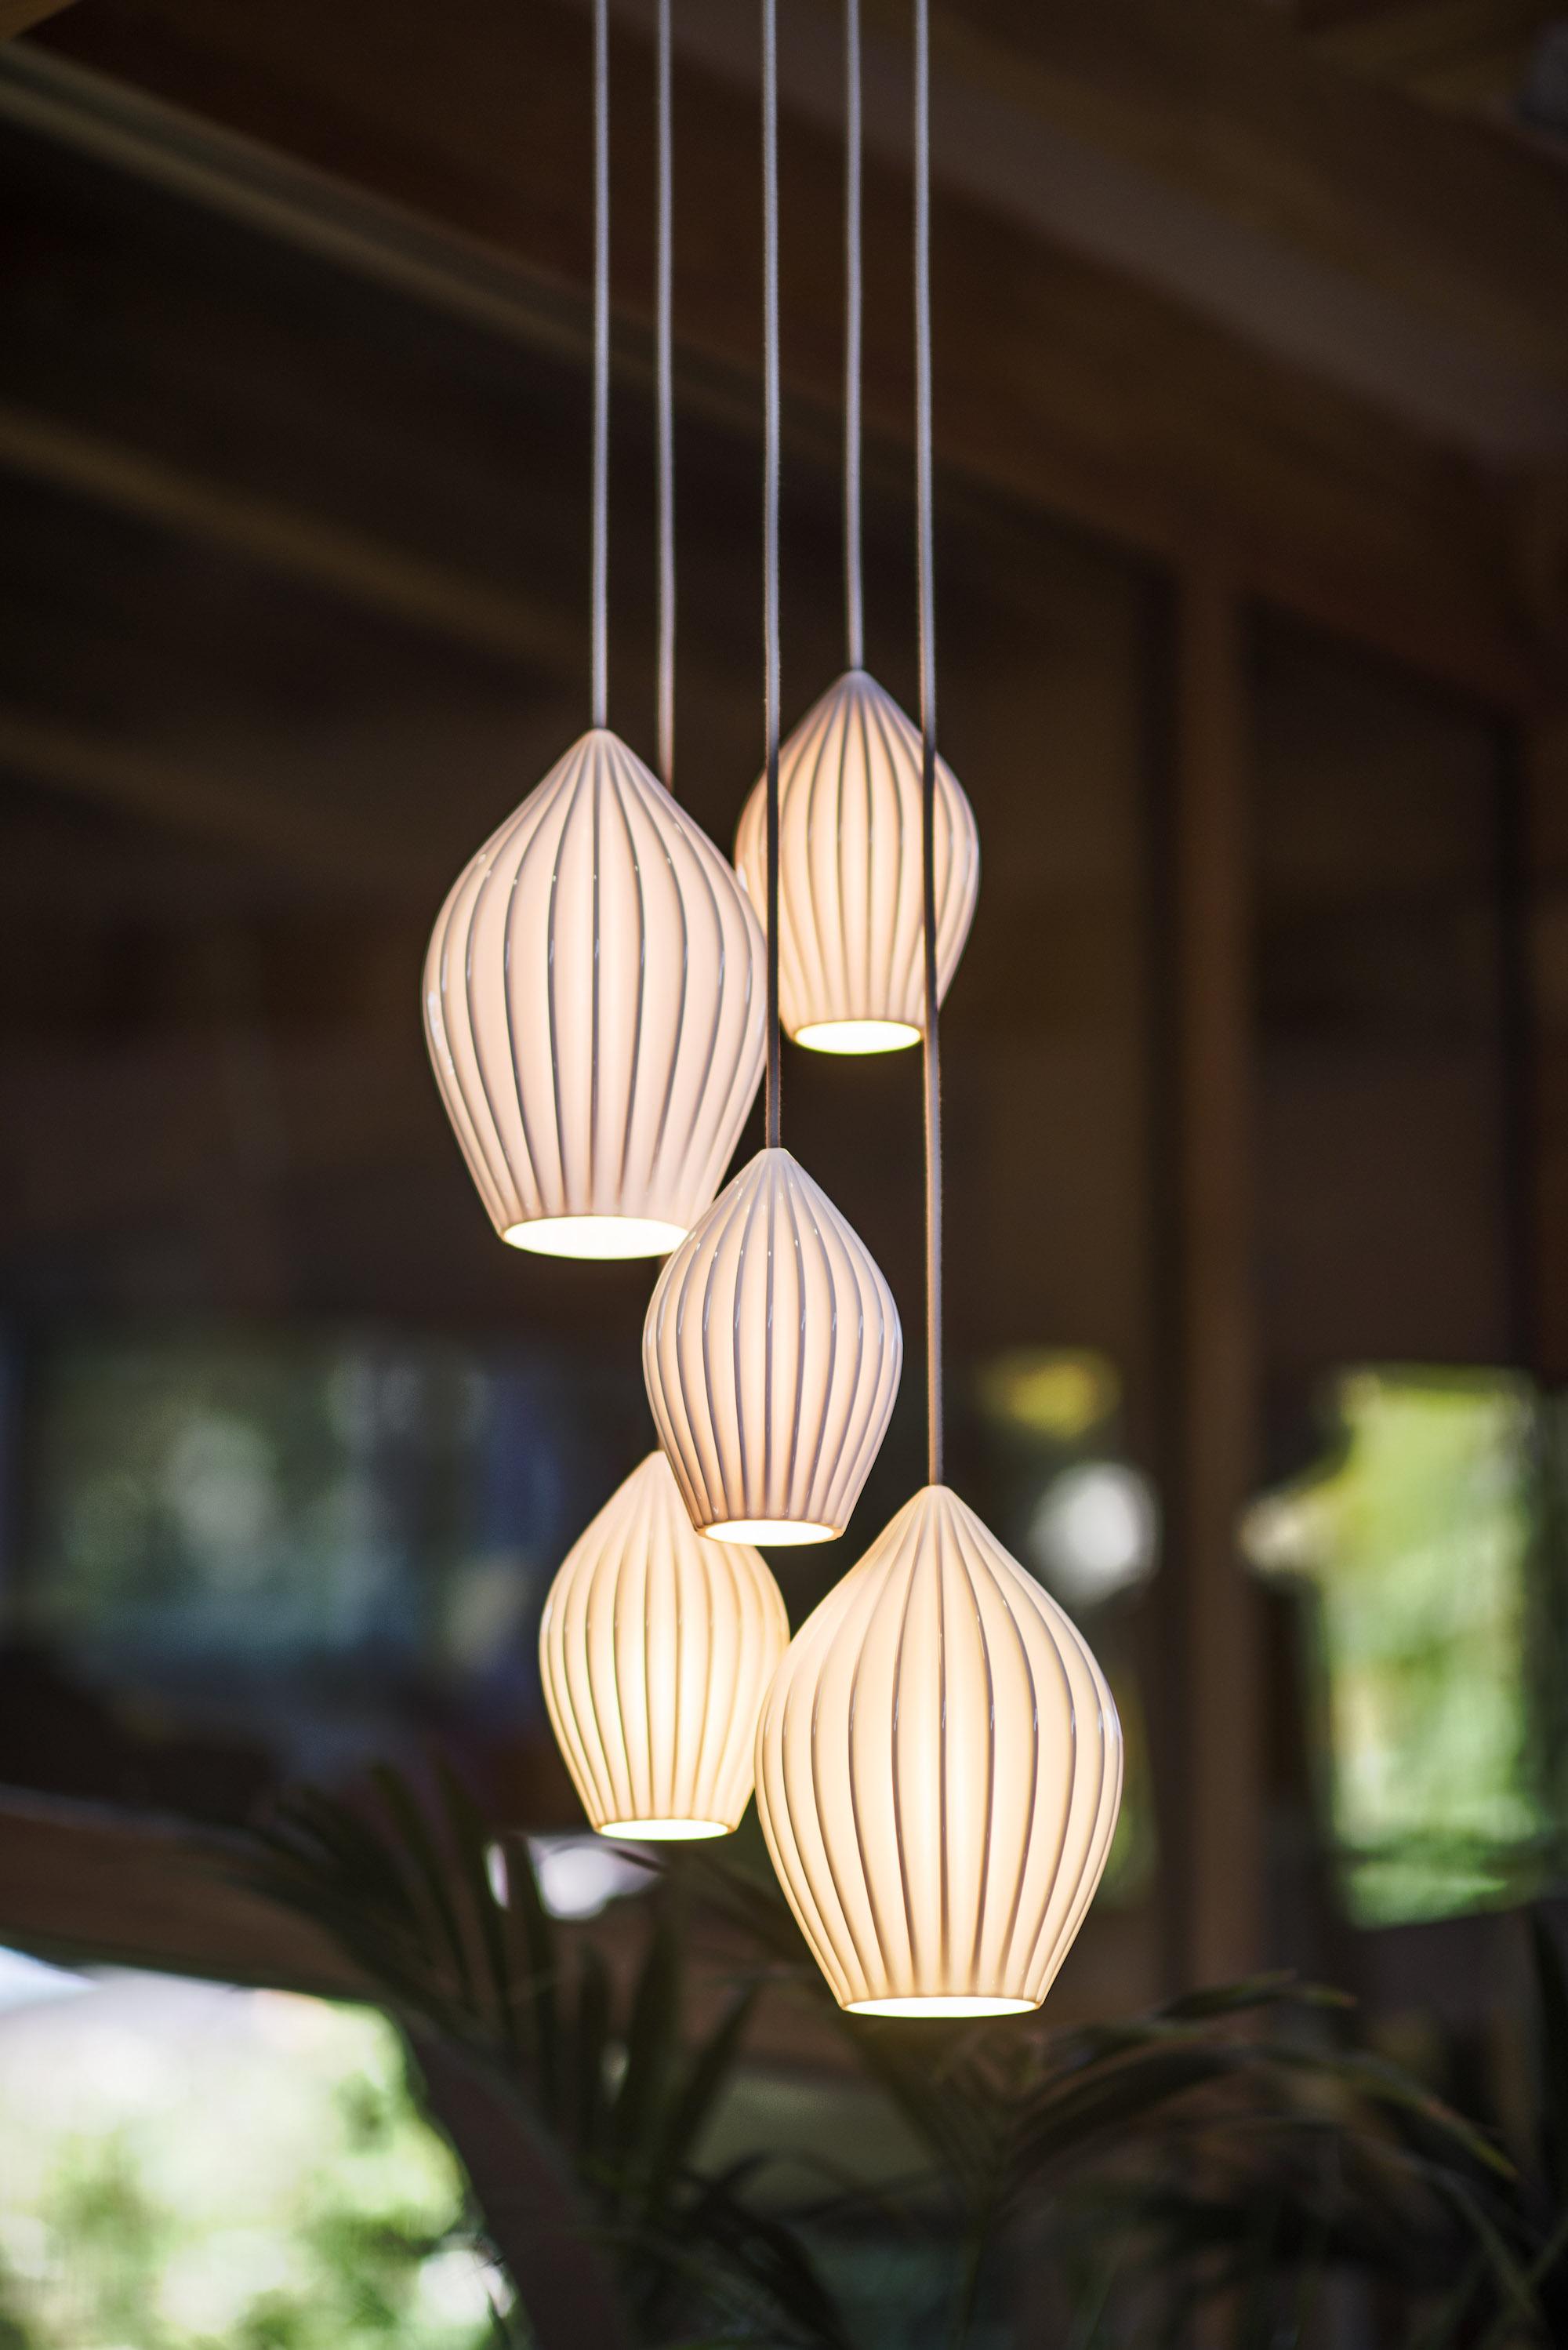 eleanor-bell-restaurant-lighting-trebah-cafe-porcelain-seed-pendants.jpg